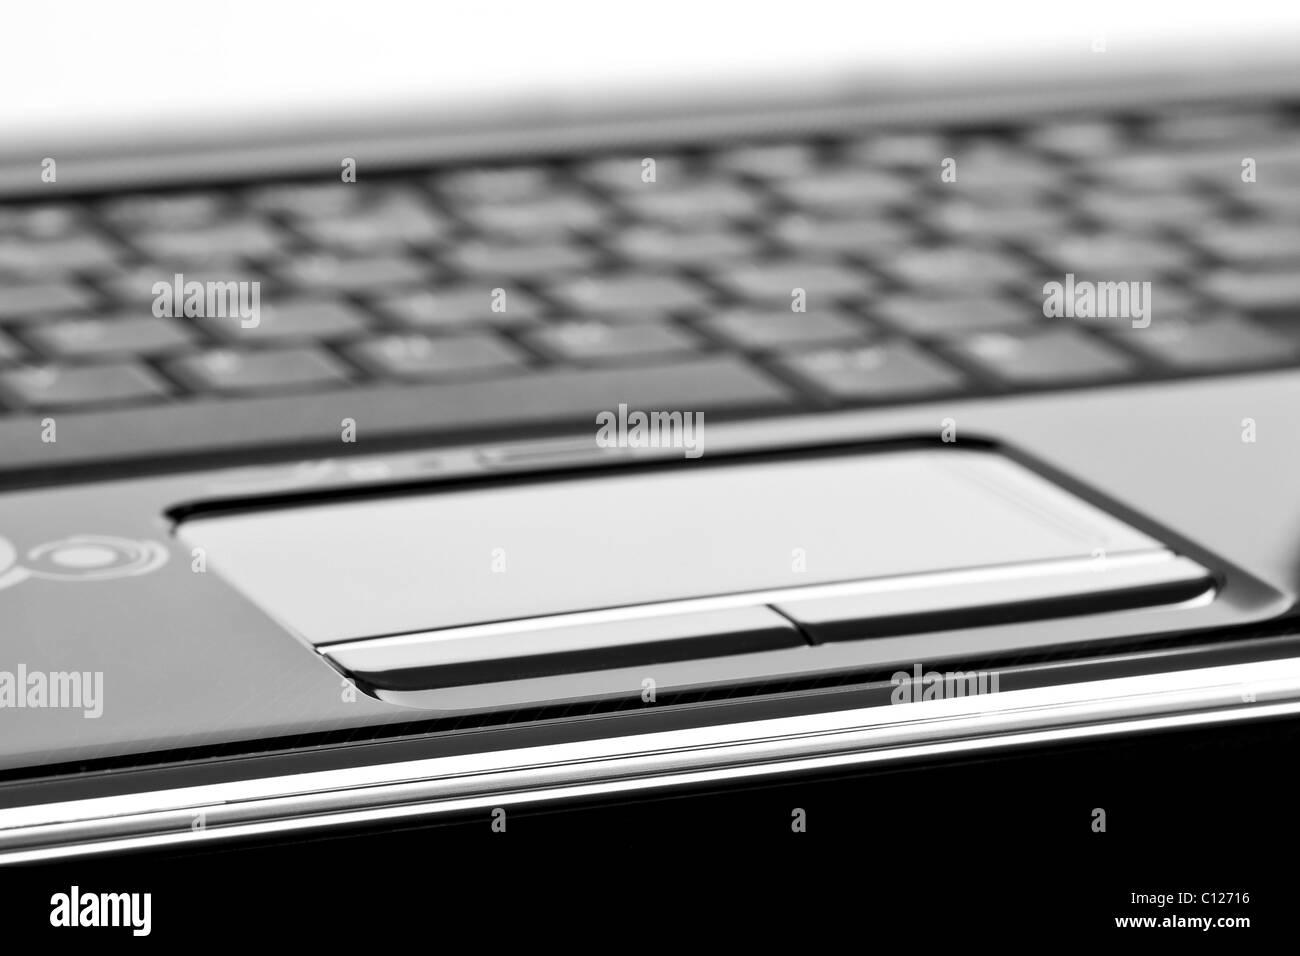 Panel táctil de ordenador portátil moderno Imagen De Stock